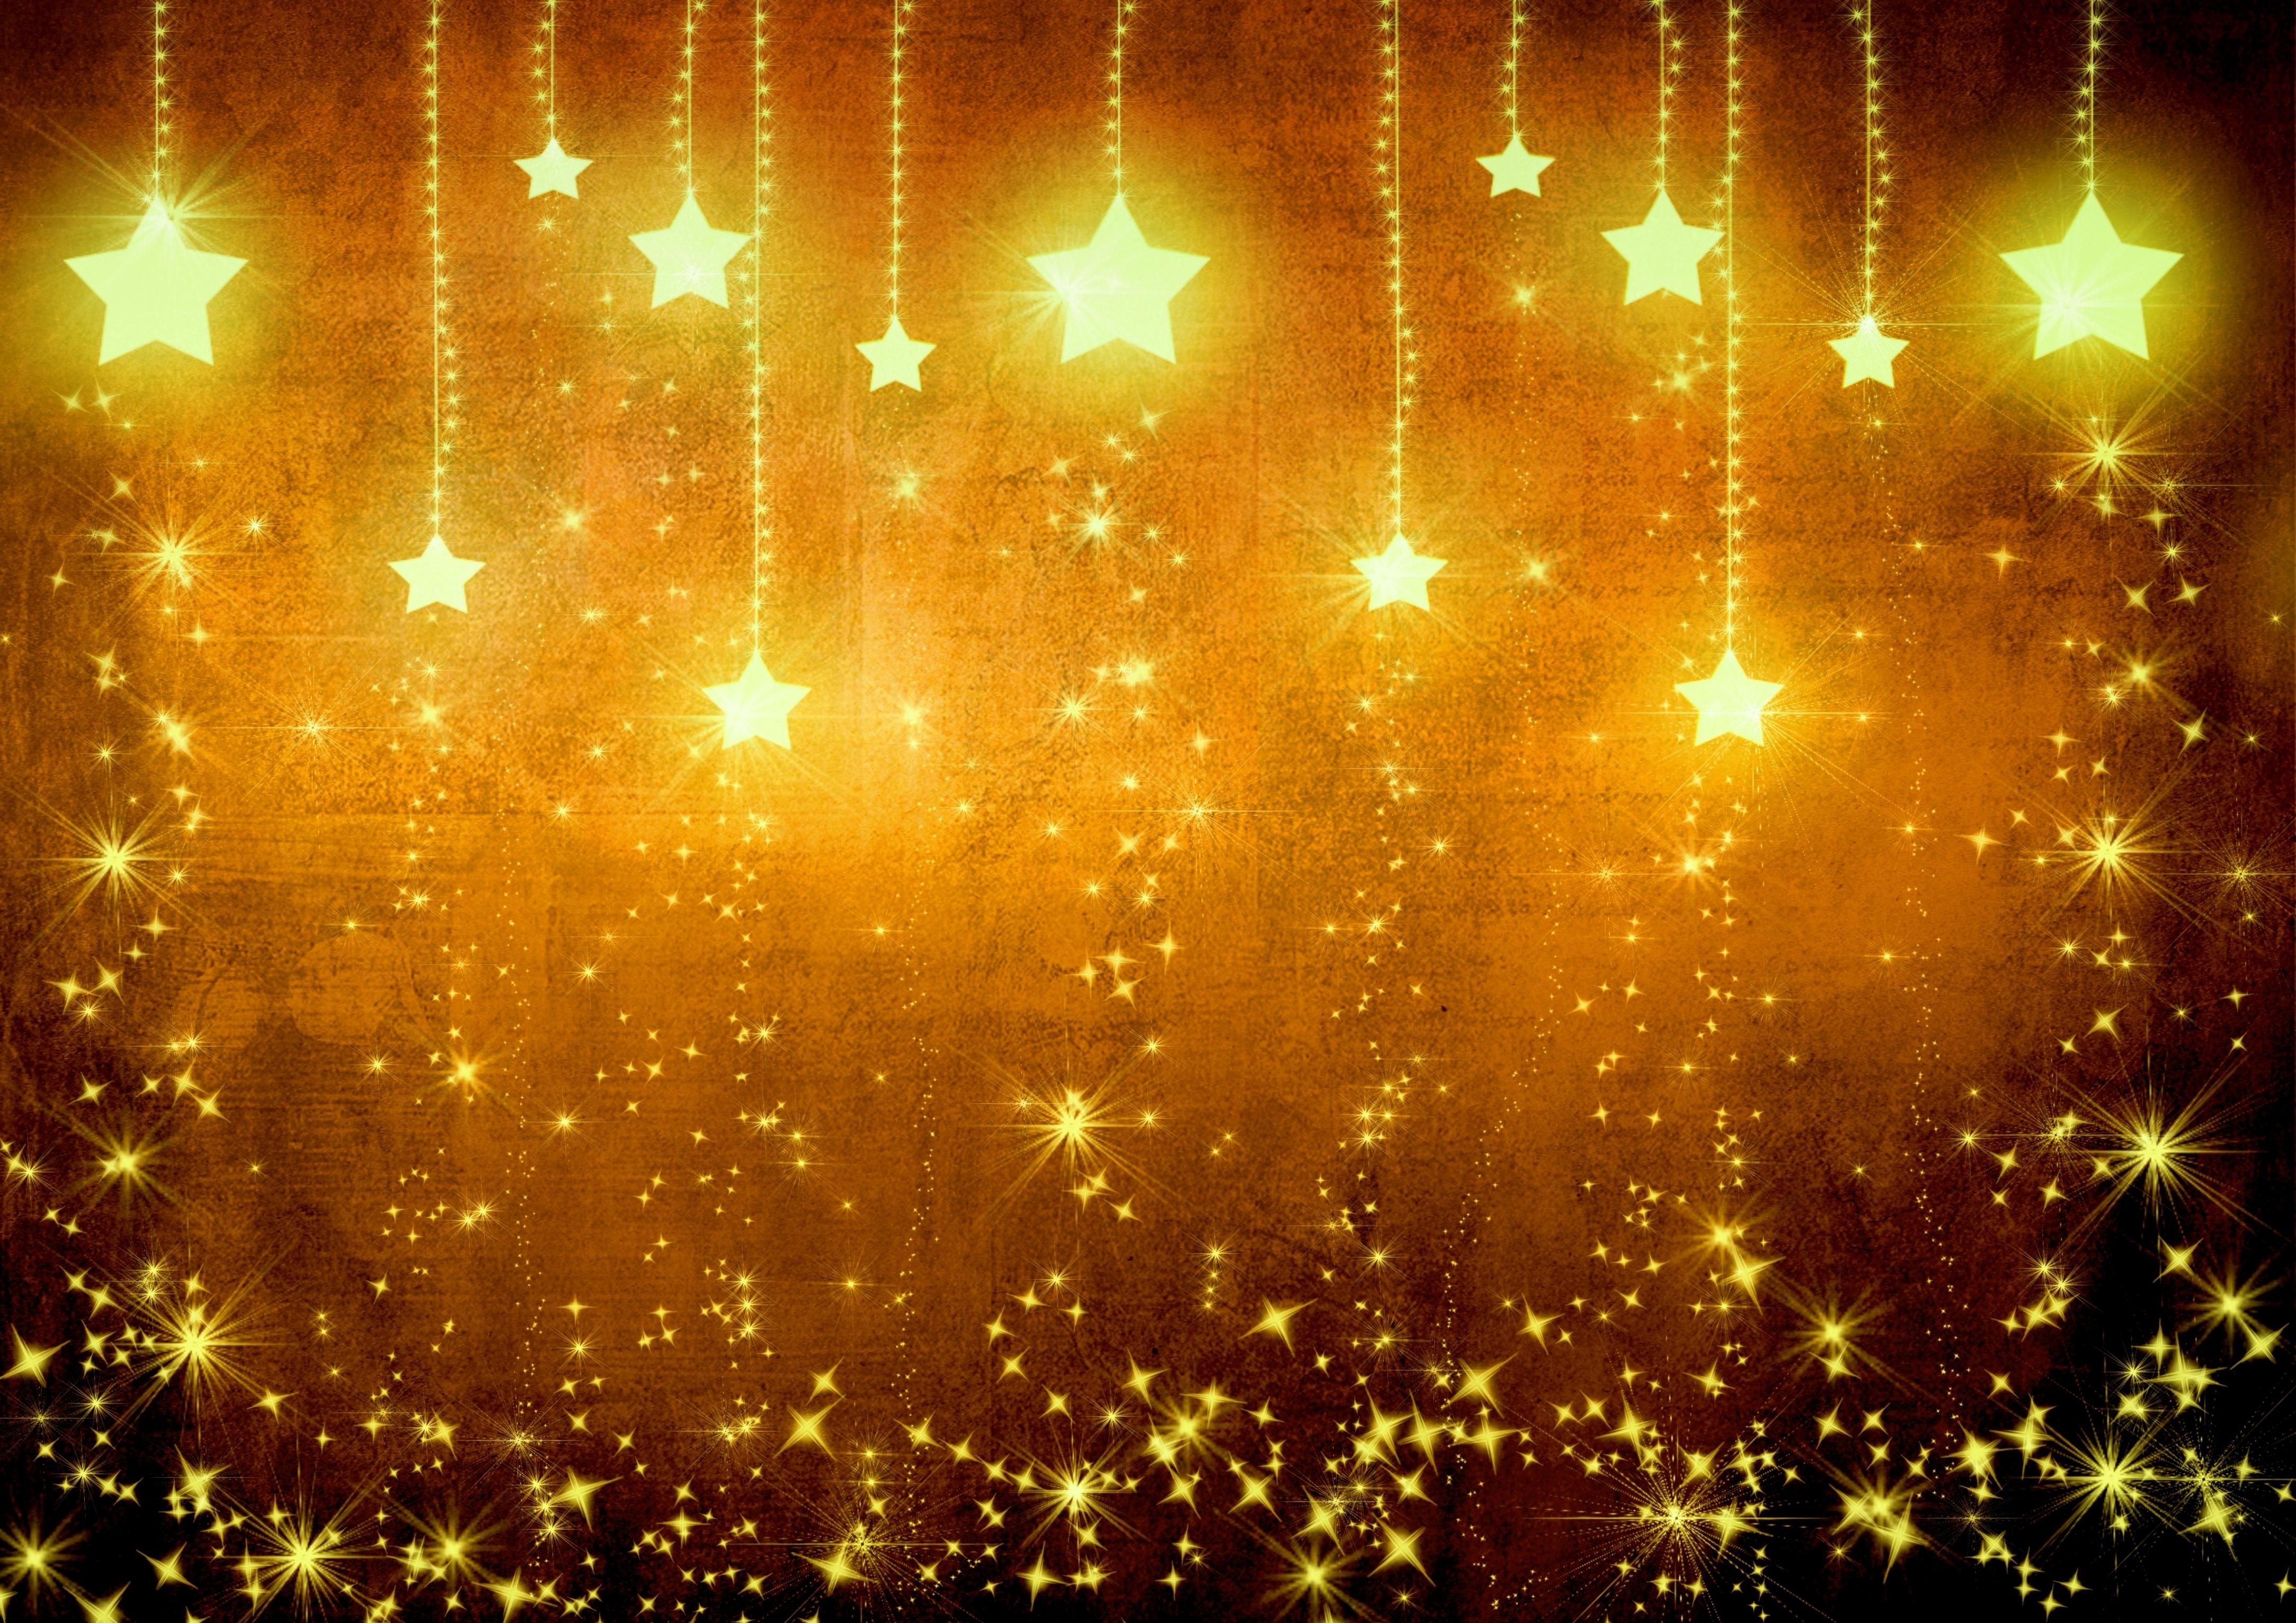 Animated Christmas Light Displays